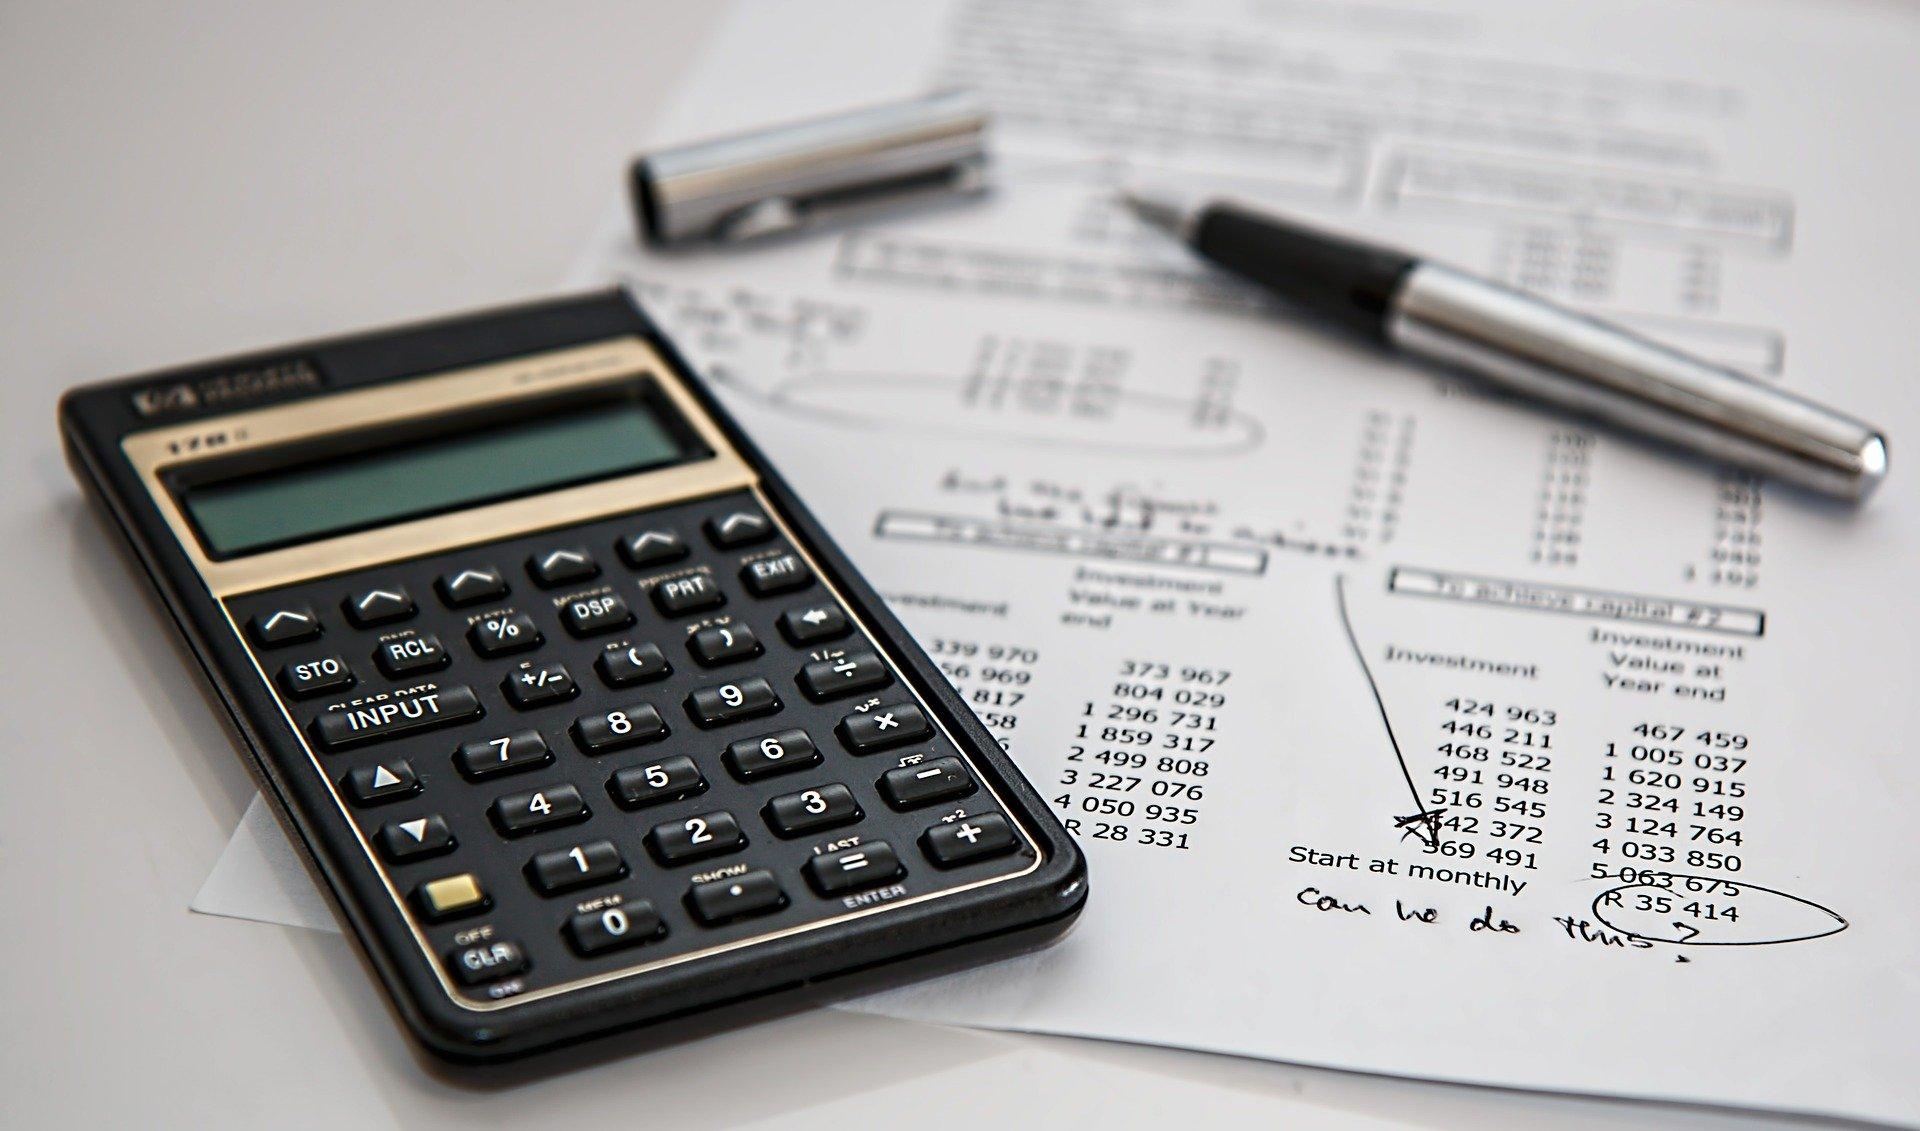 La consultation annuelle sur la situation économique et financière de l'entreprise